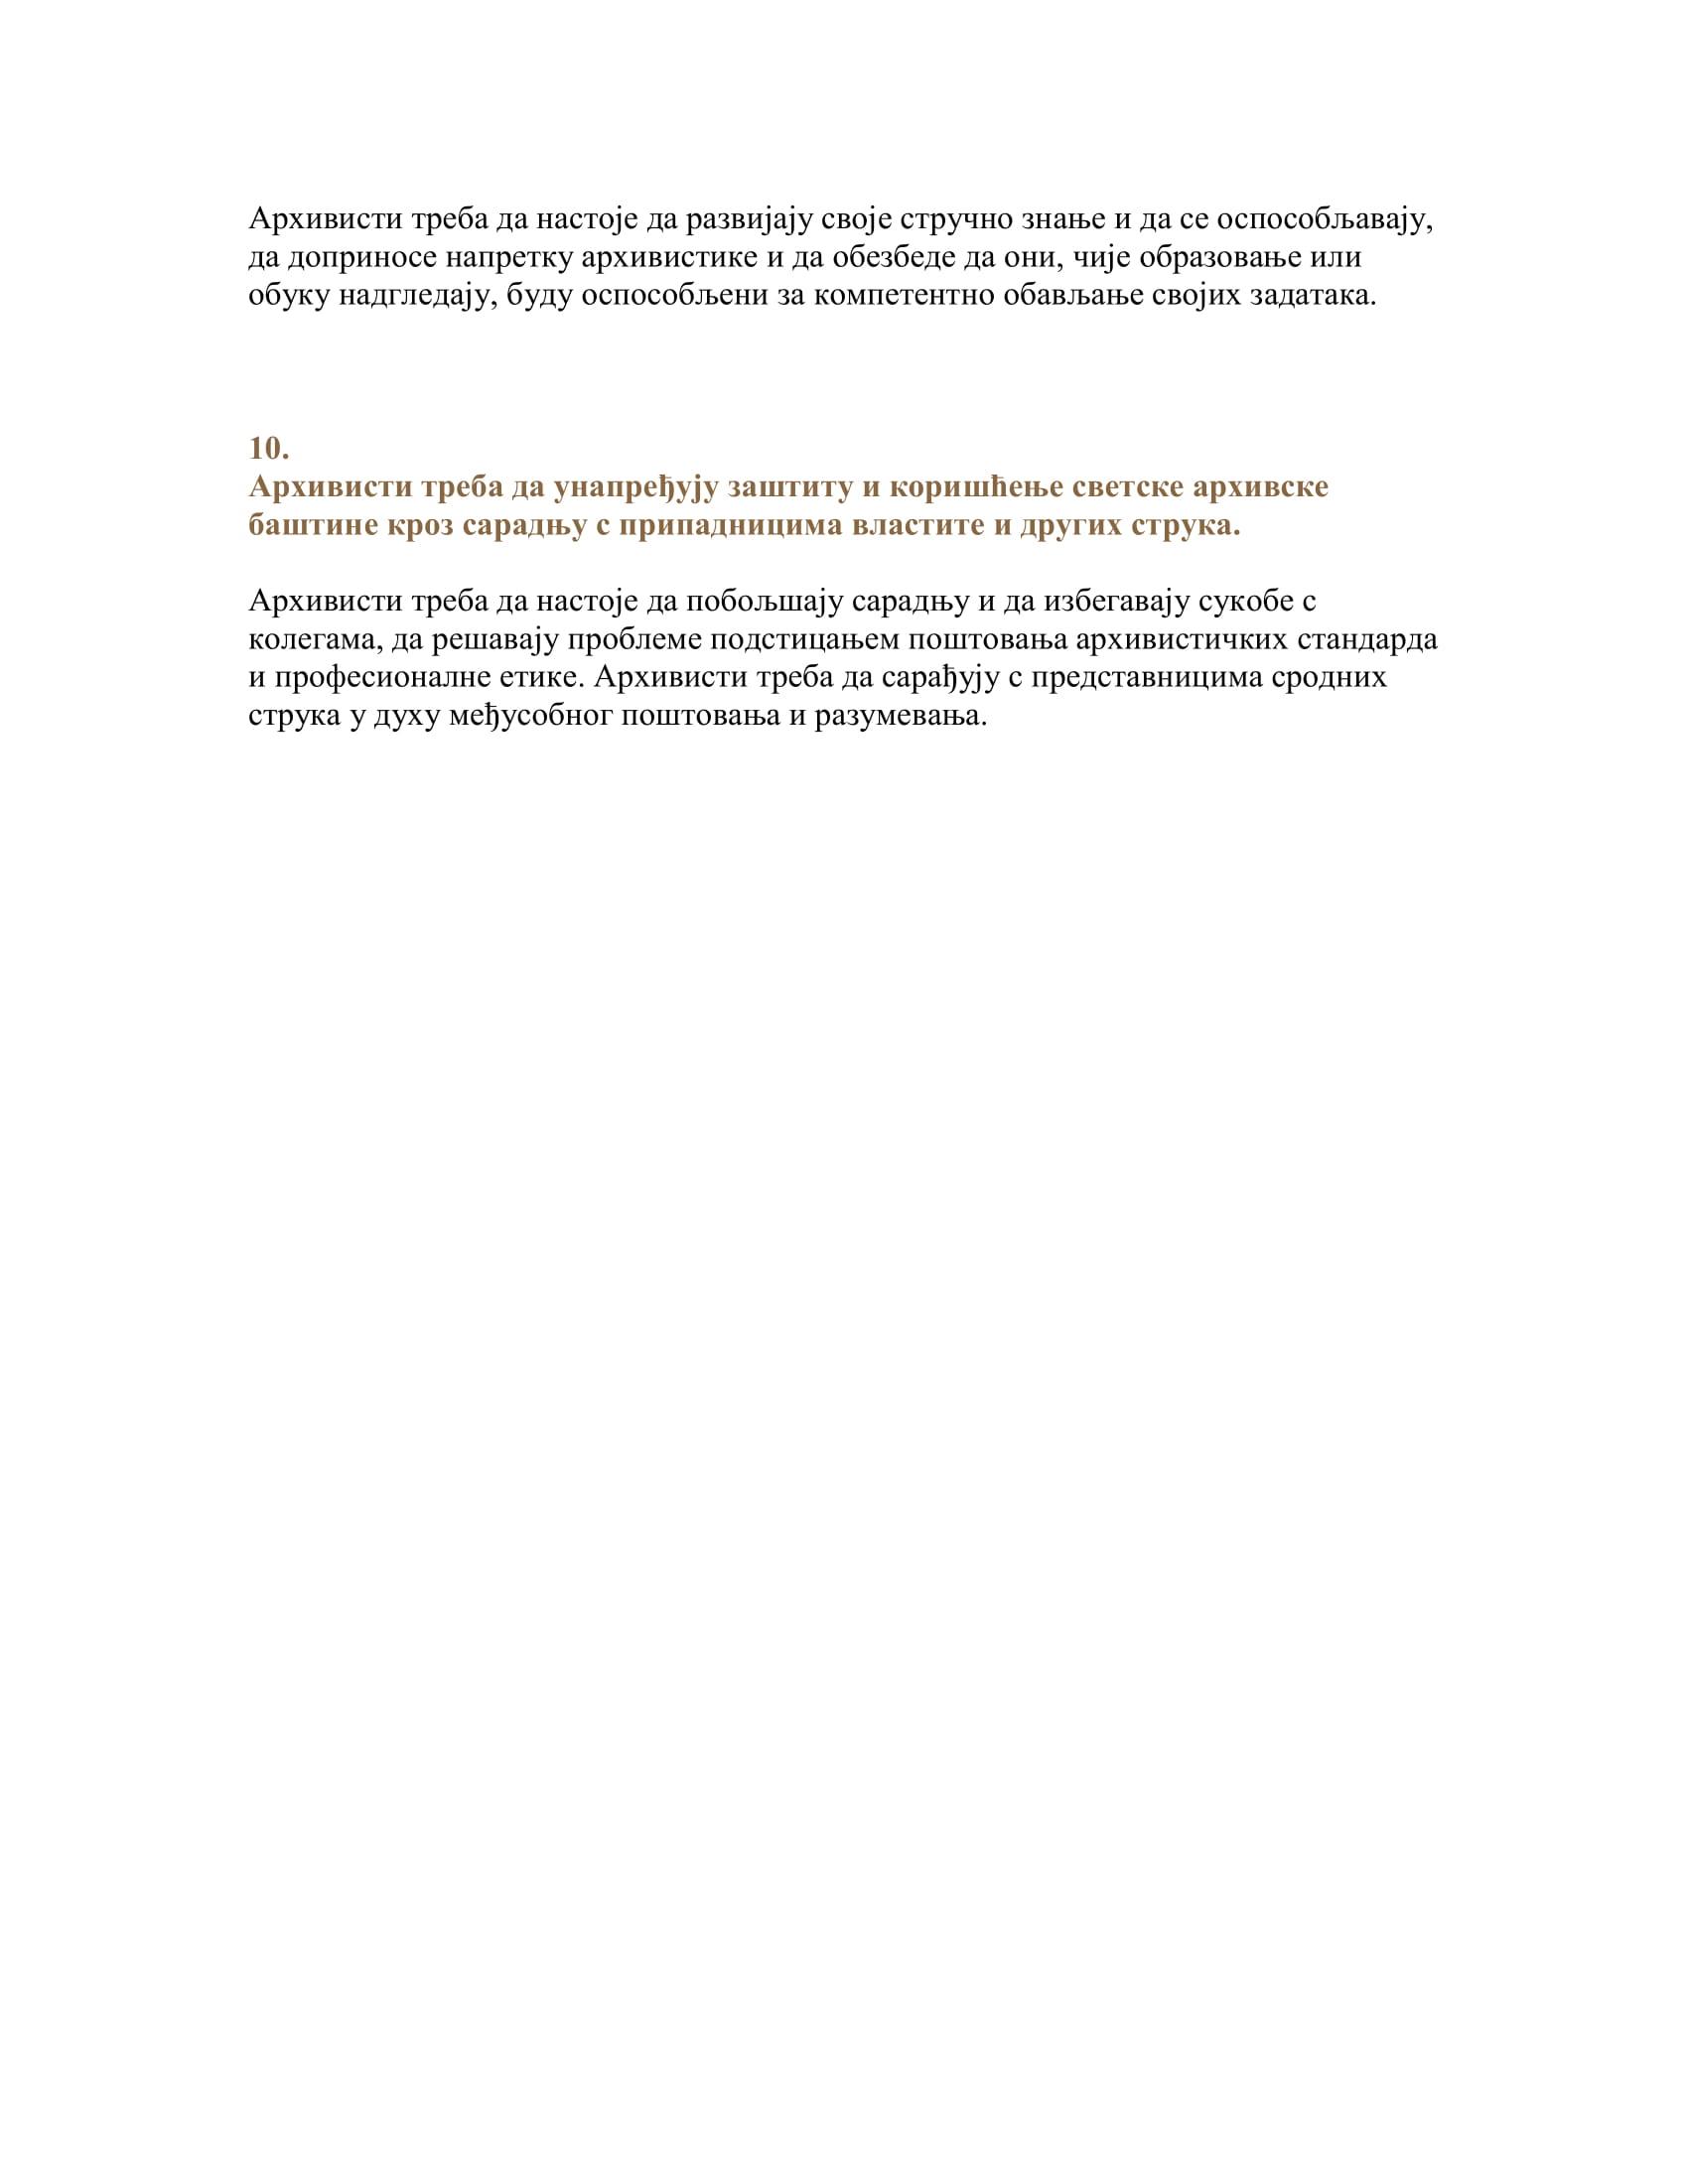 Eticki kodeks arhivista-5